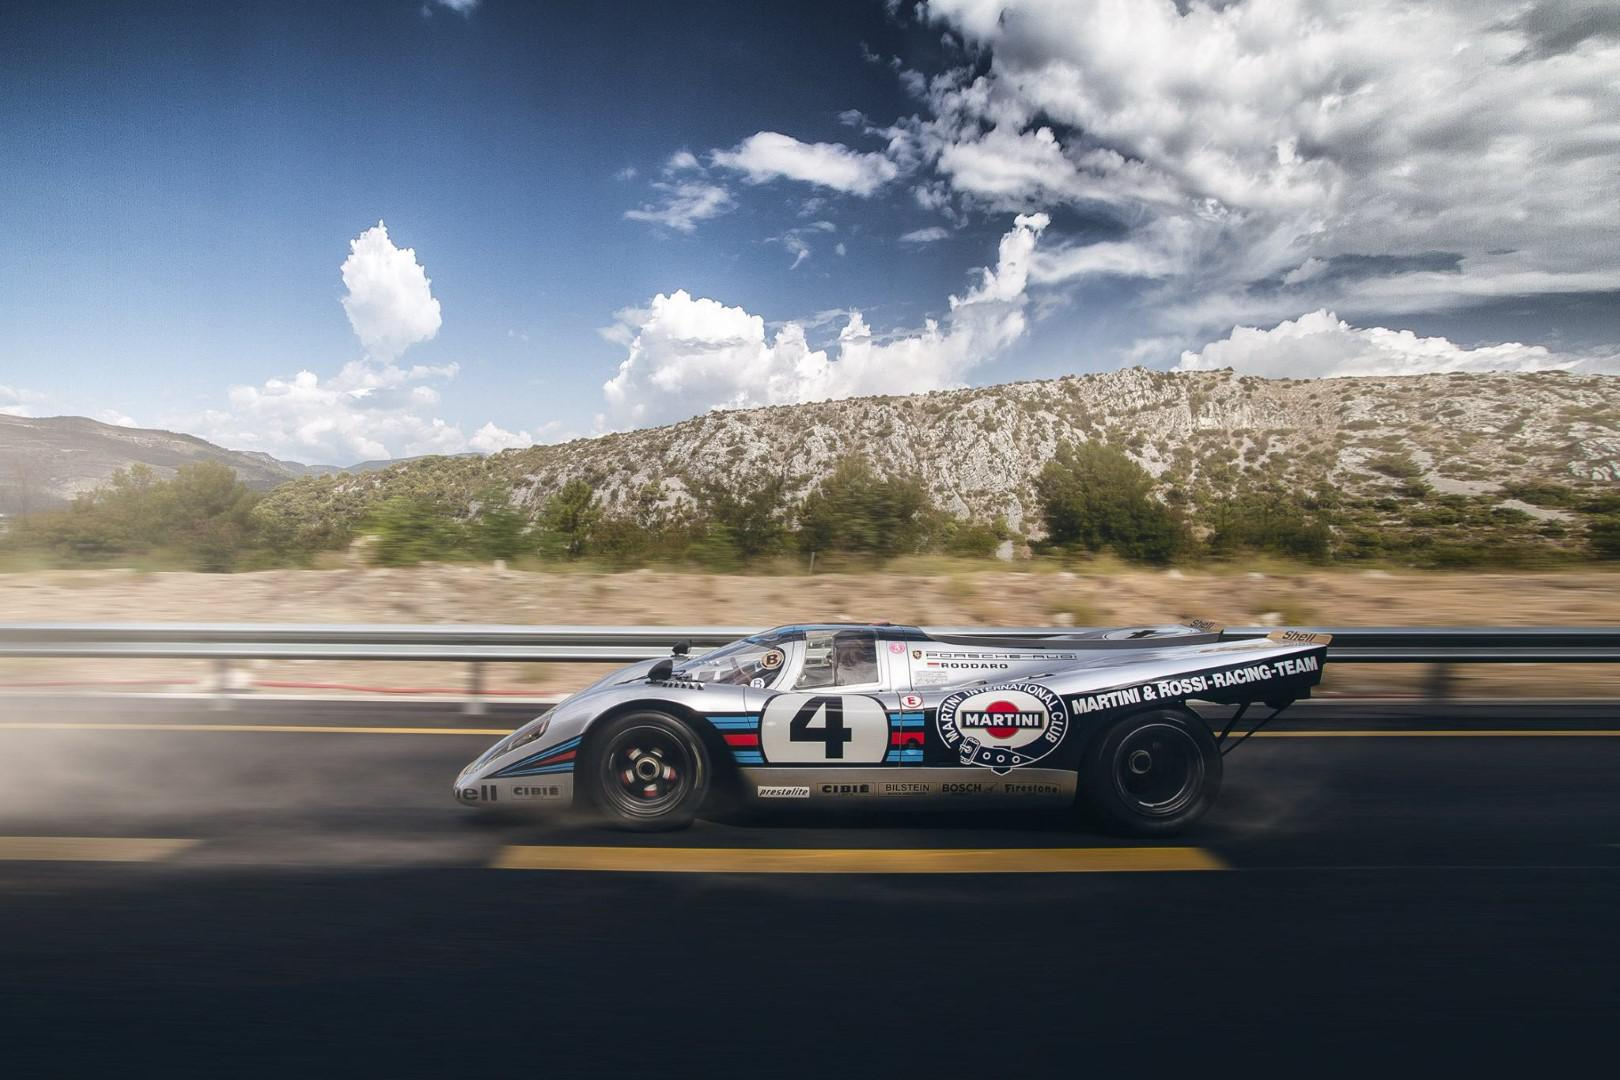 un-collectionneur-fait-homologuer-une-porsche-917k-chassis-917-037-pour-la-route-755-6.jpg